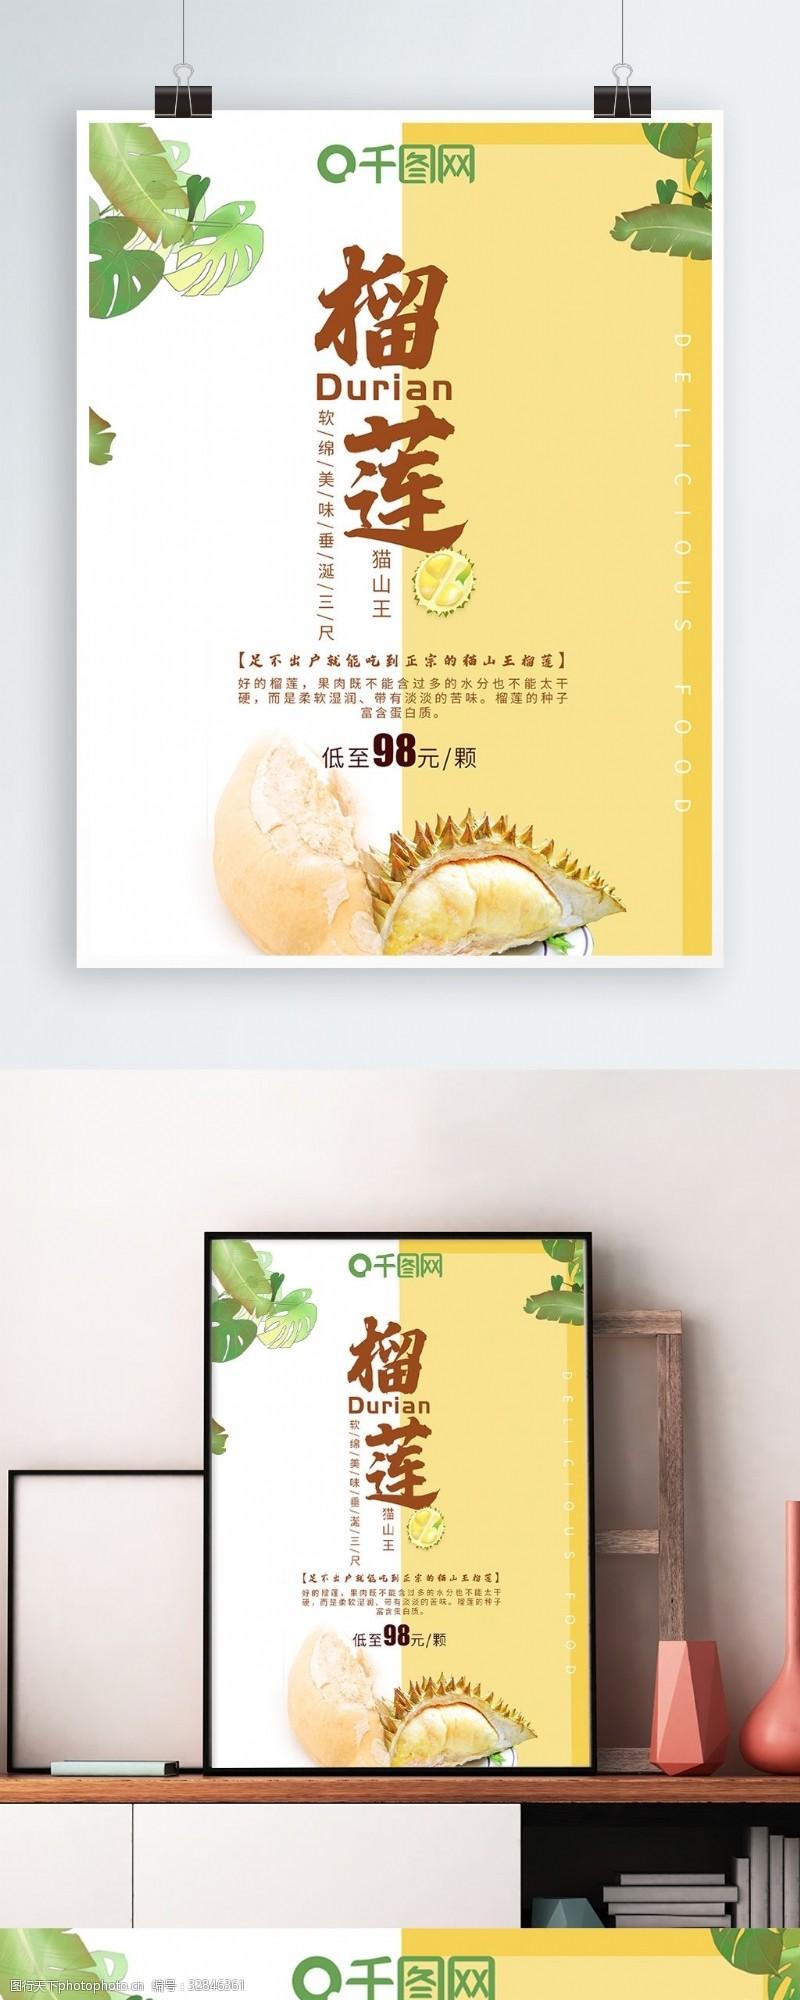 低价促销猫山王榴莲促销海报